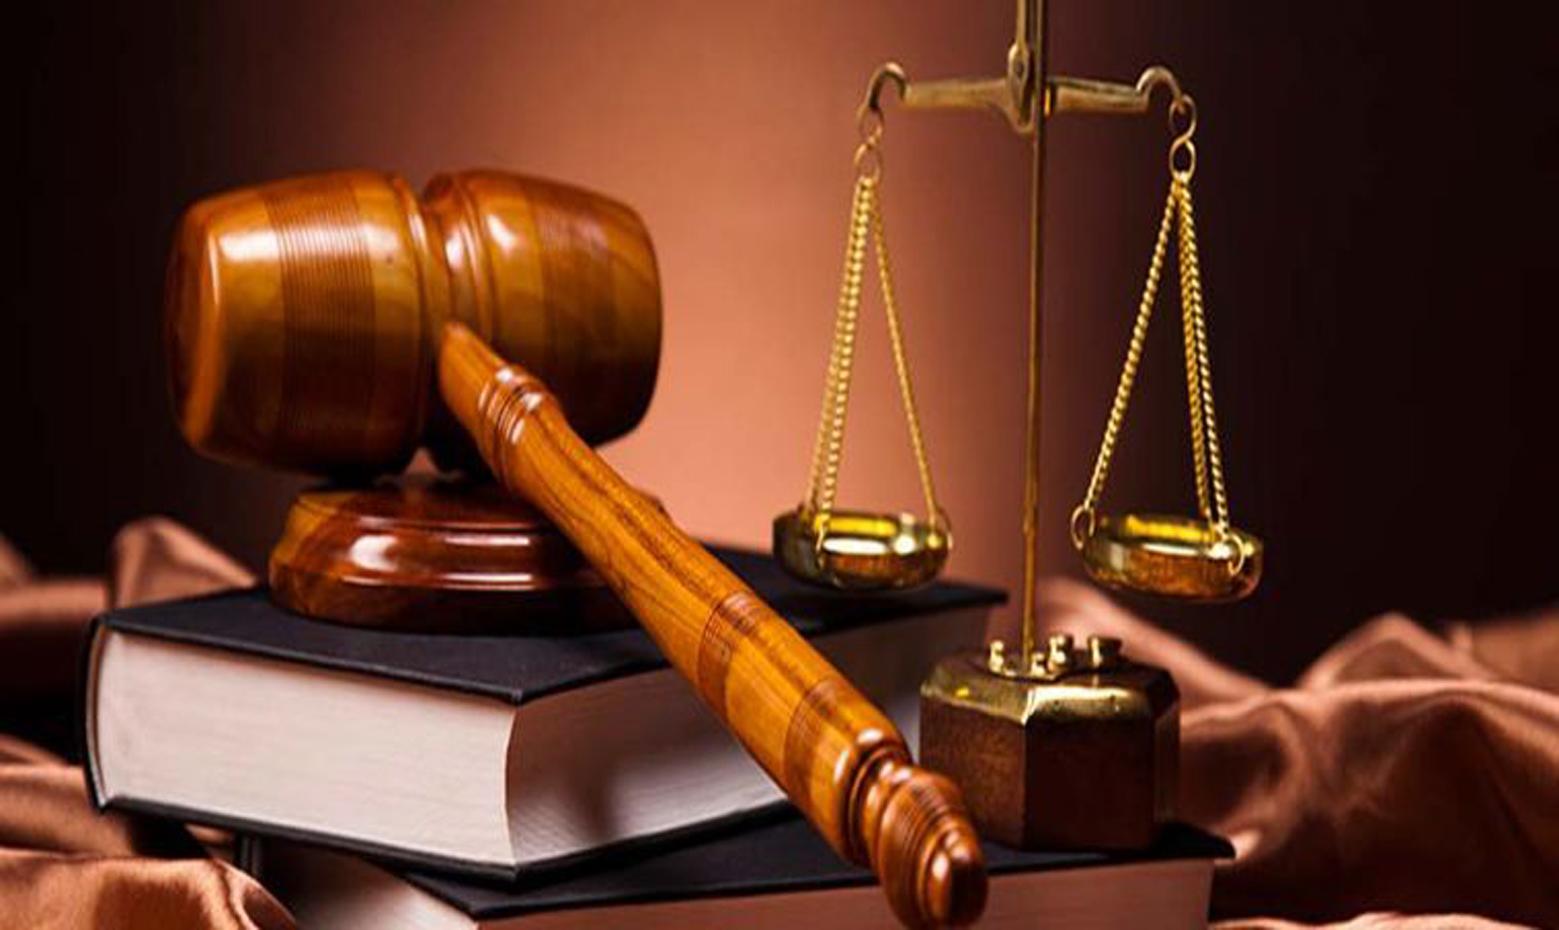 Xử phạt vi phạm hành chính là gì? Phân biệt xử phạt hành chính và xử lý  hành chính